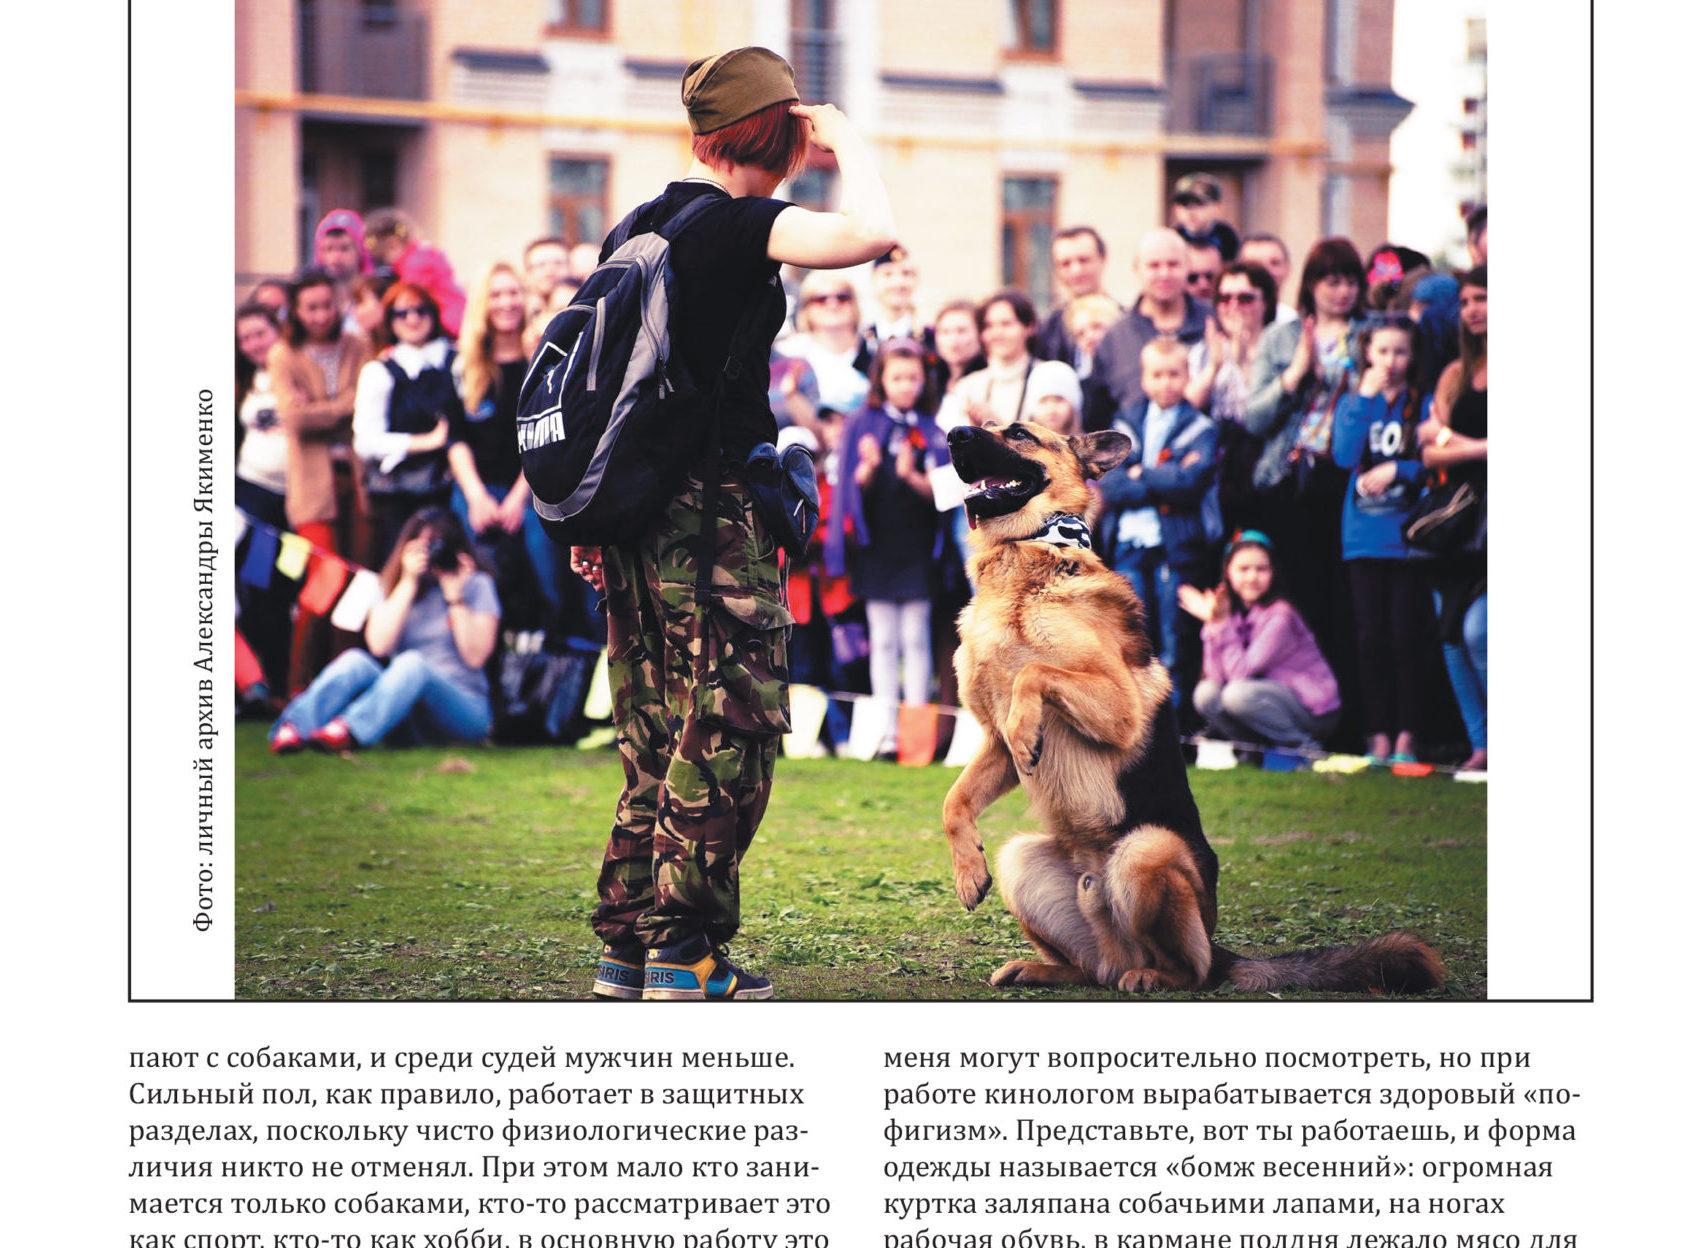 """Код, сноровка, дрессировка: женский выпуск журнала """"Тверьлайф"""" о жизни собачьей и жизни личной"""